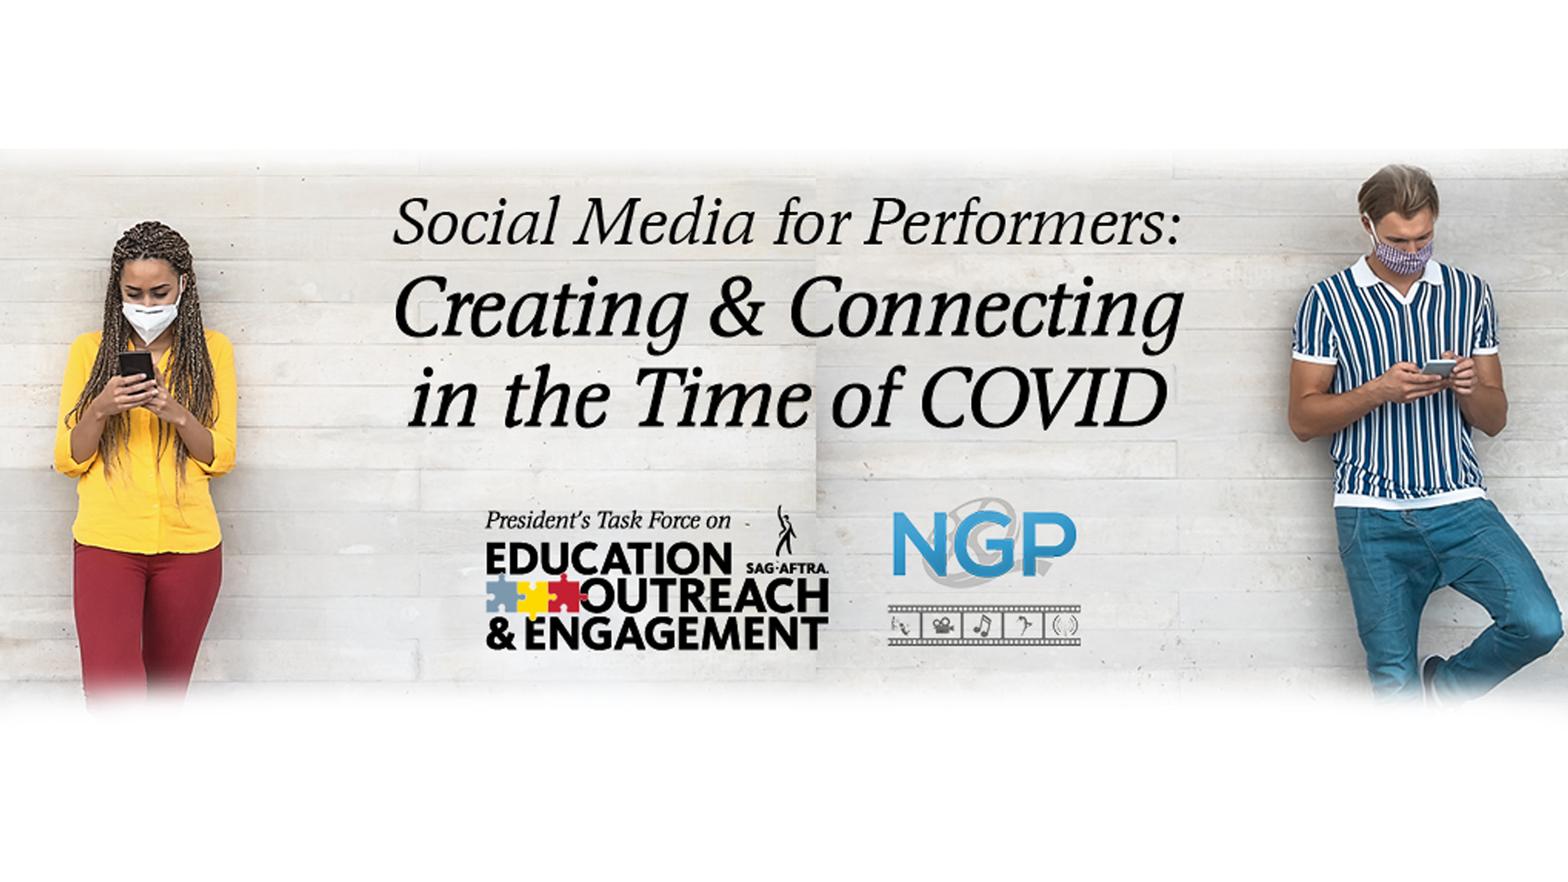 'Redes sociales para artistas intérpretes o ejecutantes: Creando y conectando en la época de COVID' en la parte superior en cursiva 'Miércoles 9 de septiembre 10 a. M. PT / Mediodía CT / 1 p. M. ET'